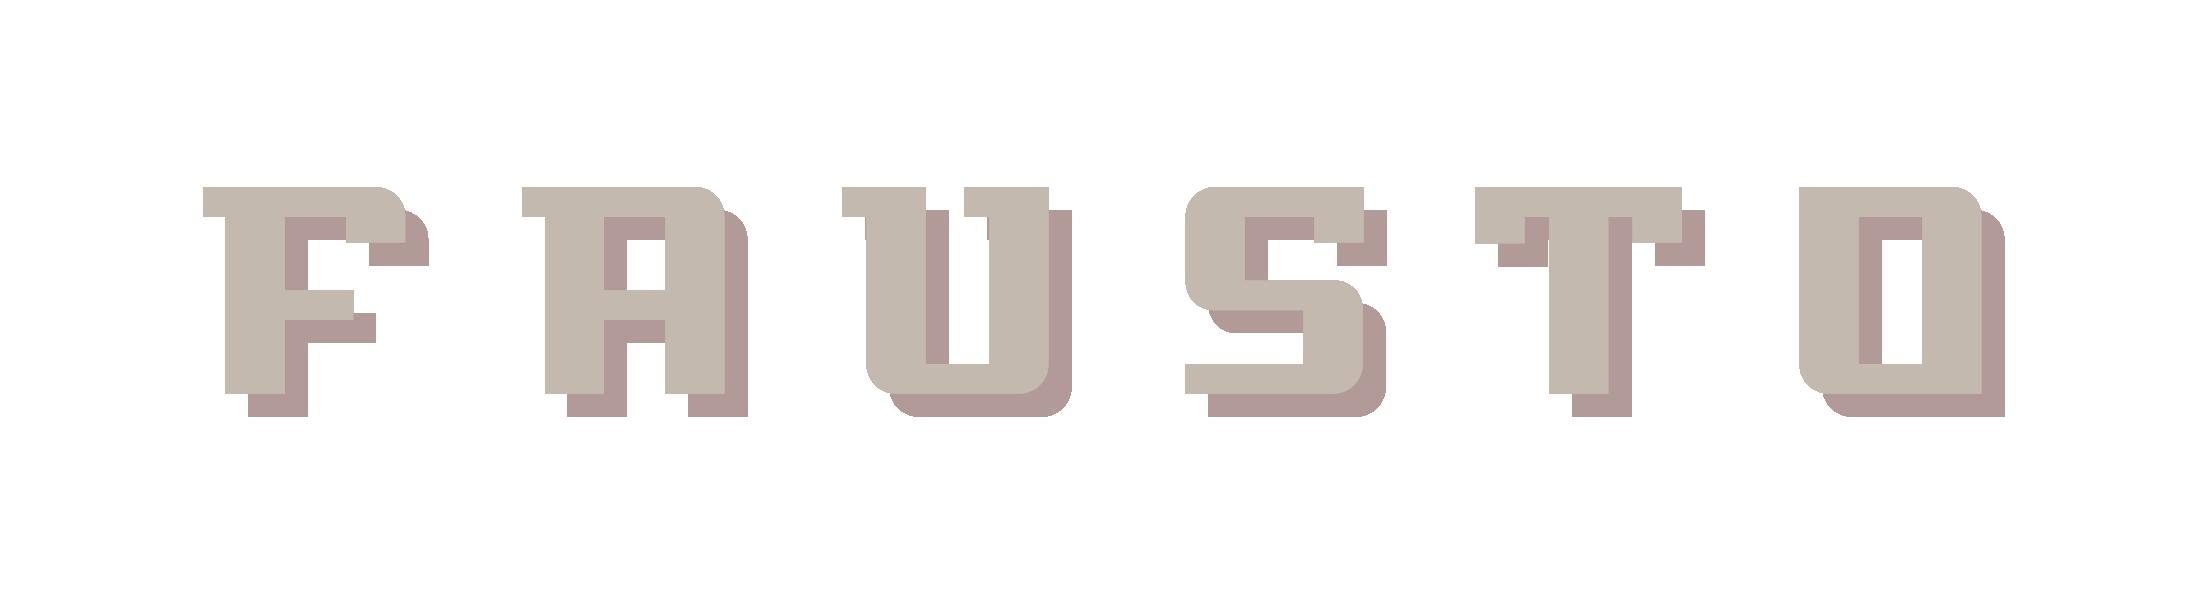 fausto-logo-grey.png